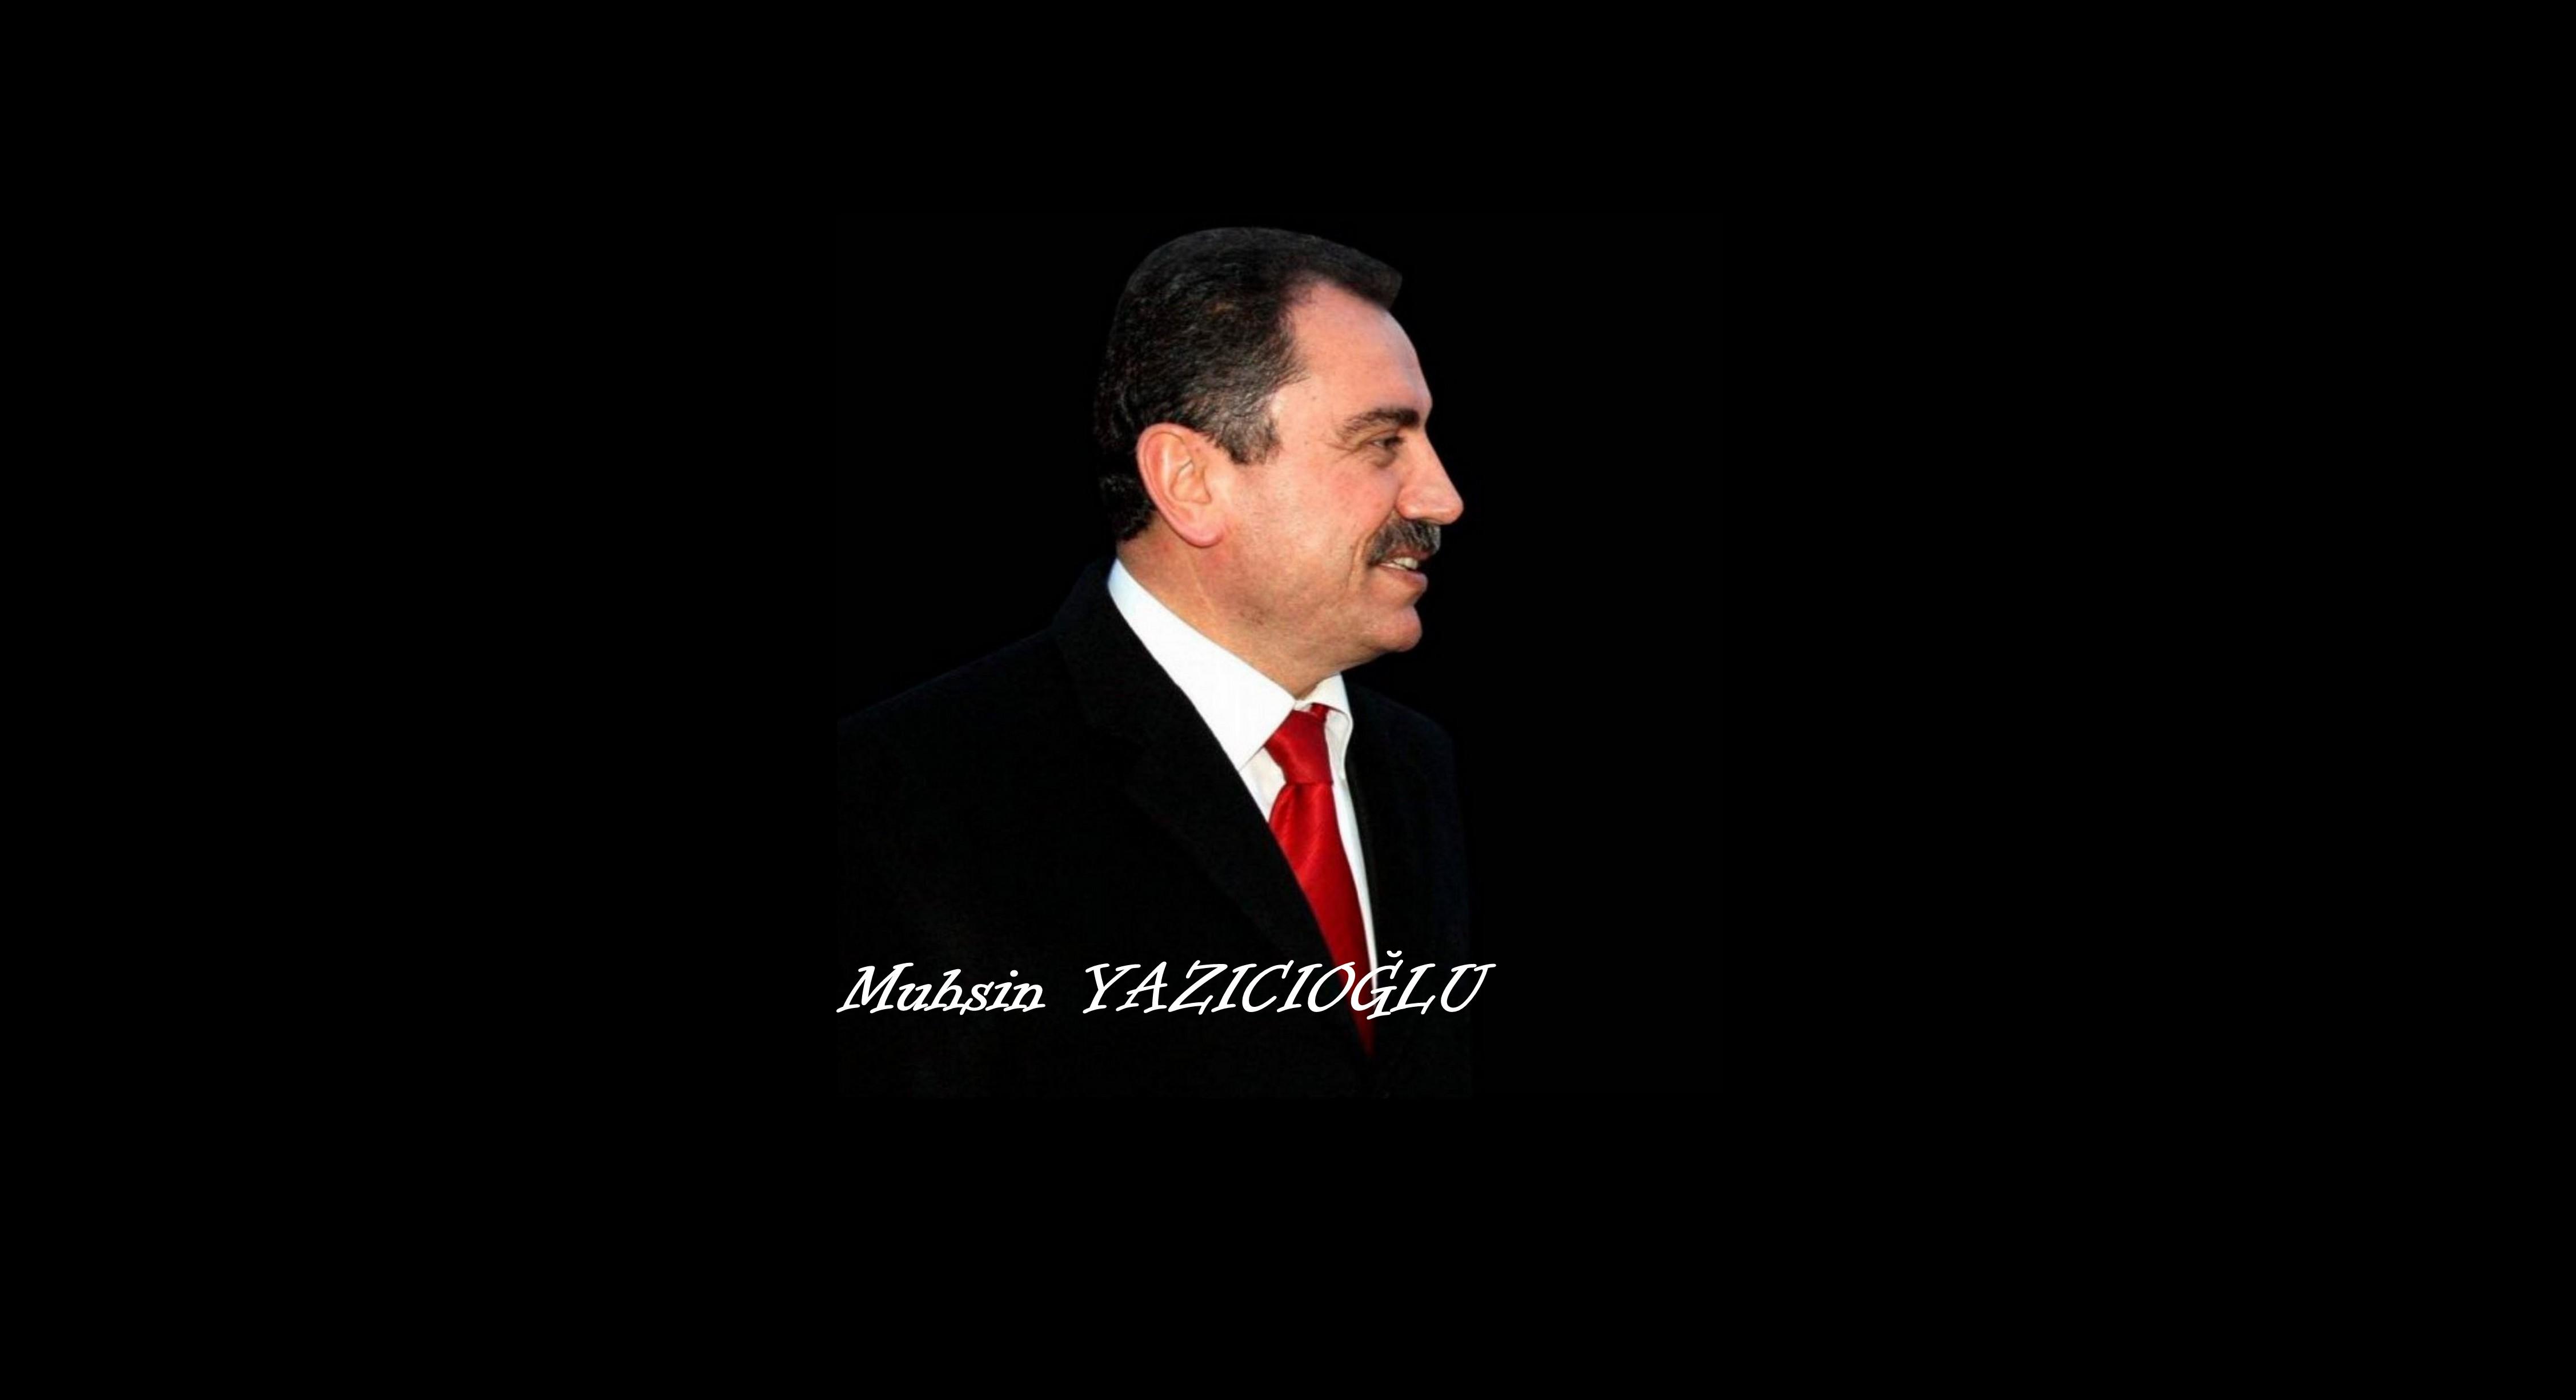 Muhsin Yazıcıoğlu'nun Vefatının 8.Yıldönümü